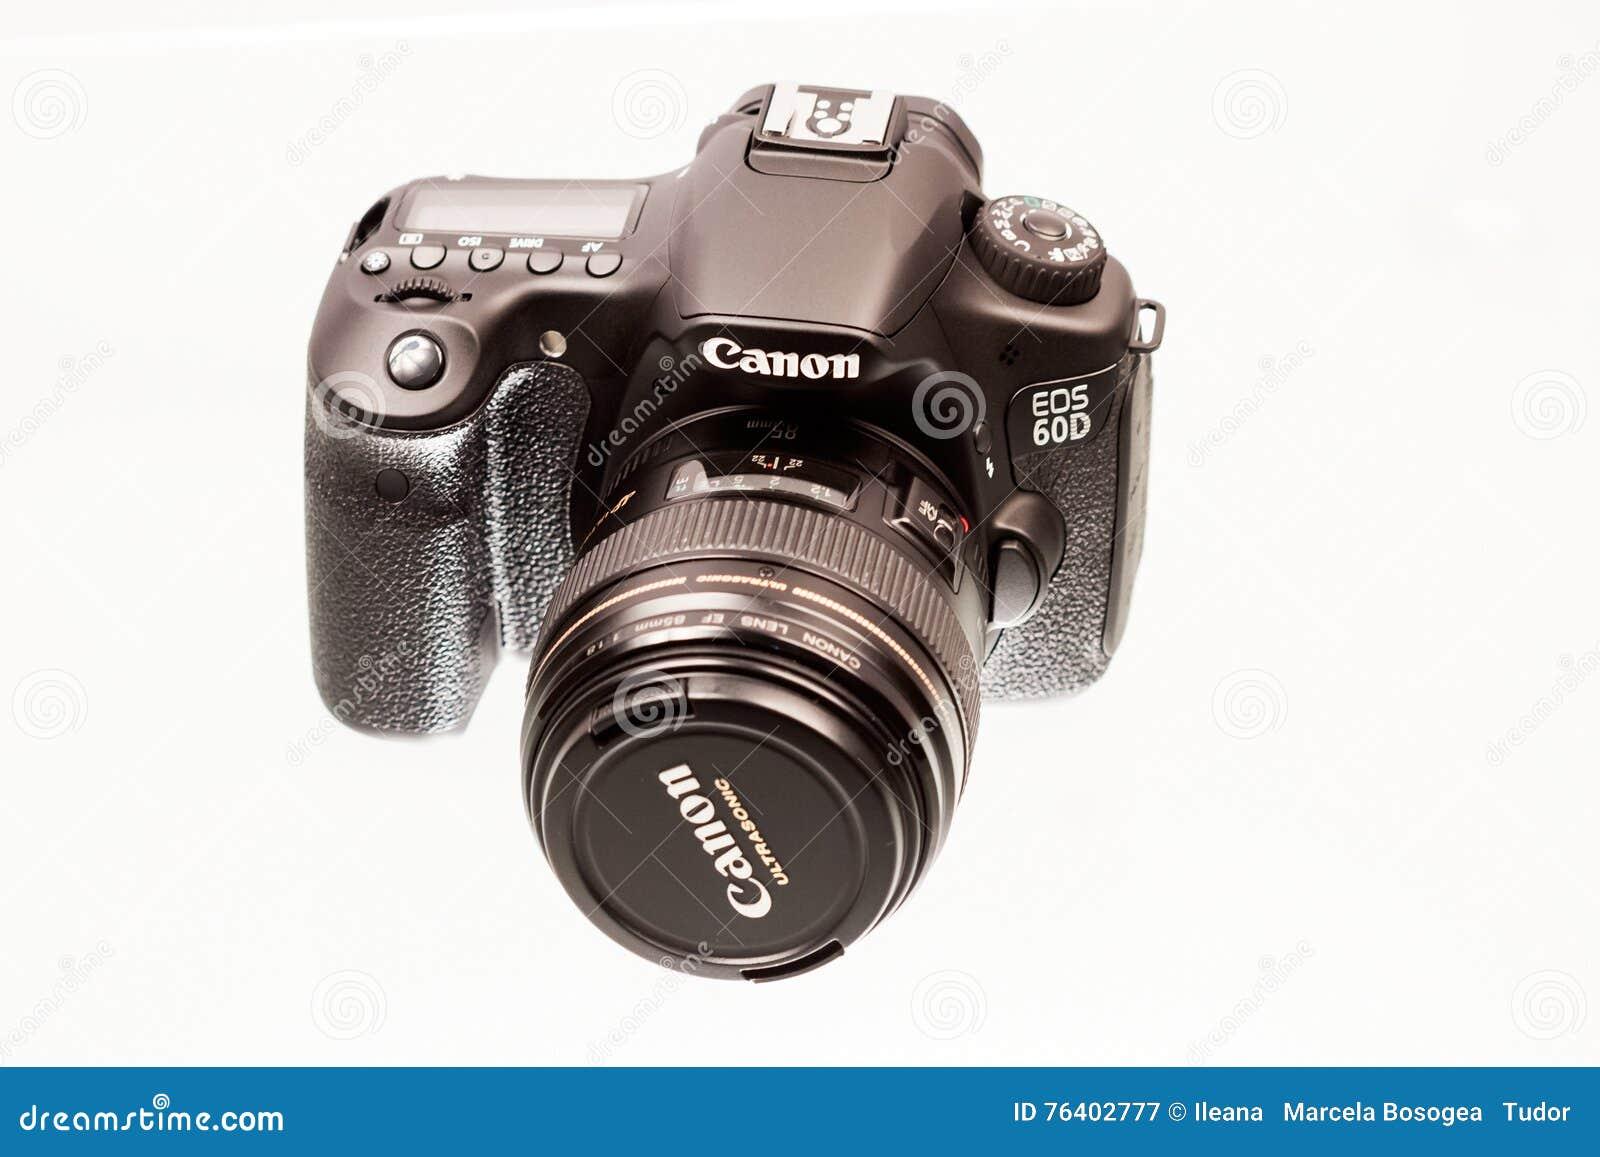 CARACAL RUMÄNIEN, 19 12 2012 Sikt av den Canon 60D kameran med linsen